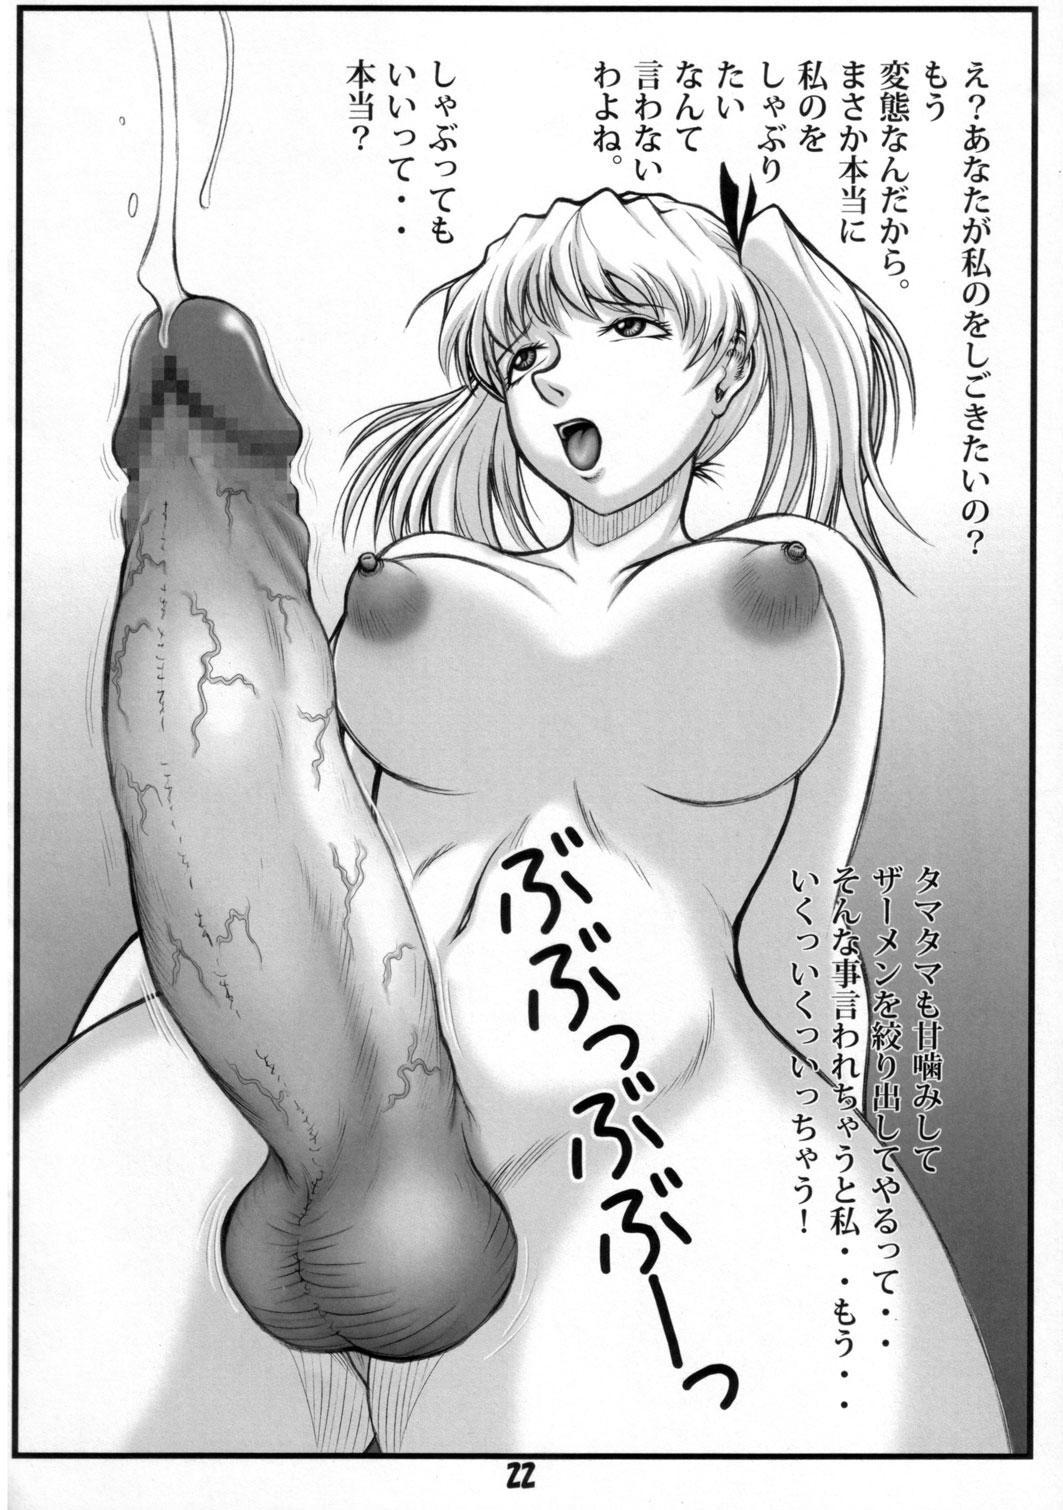 Yakumo to Sara no Futafuta Otomarikai 20